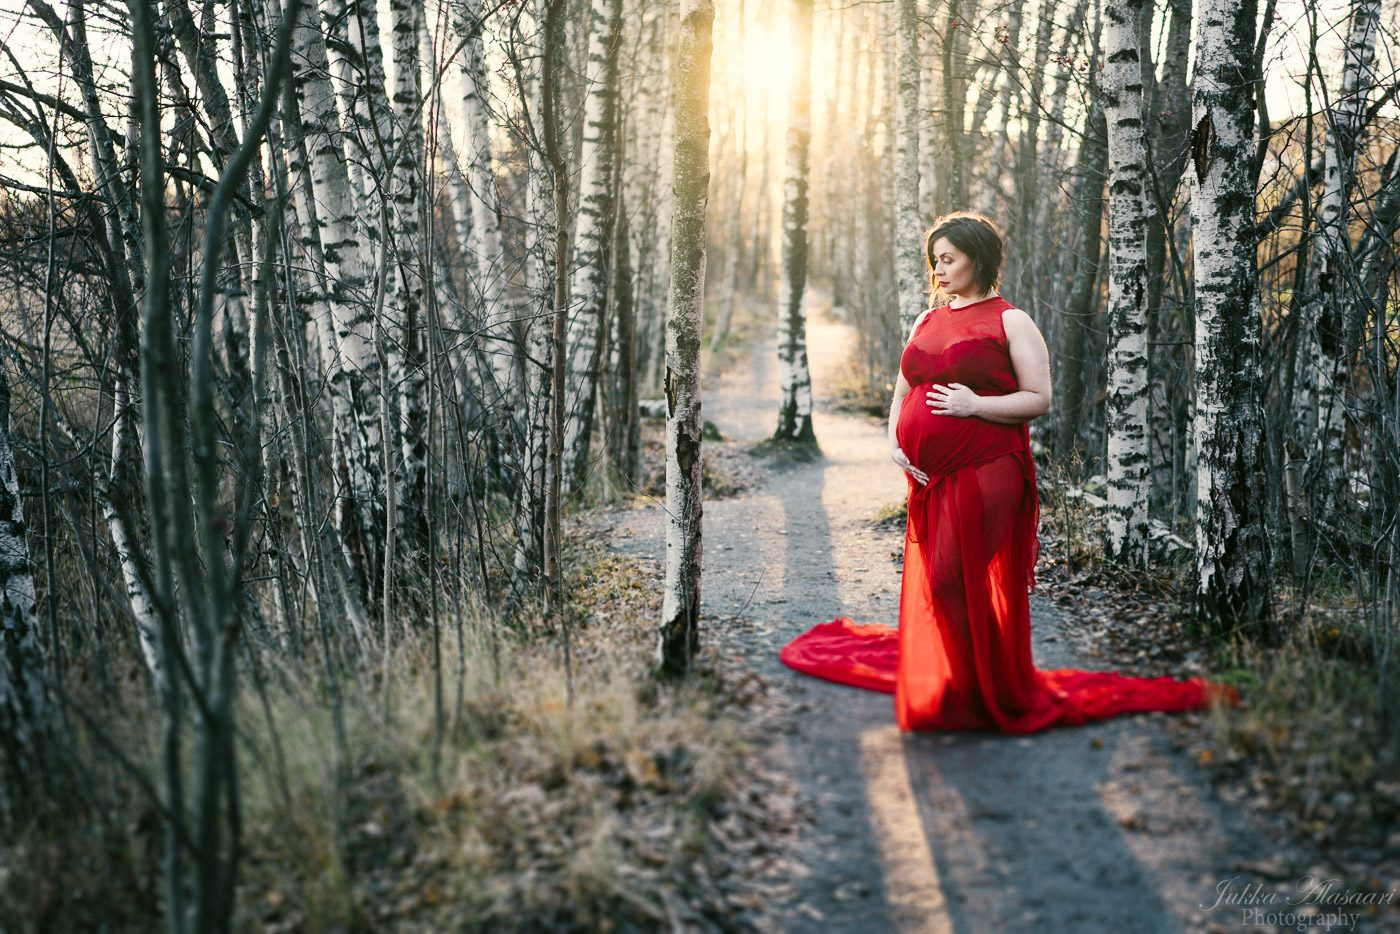 raskausajankuvaus masukuvaus helsingissä punaisessa mekossa